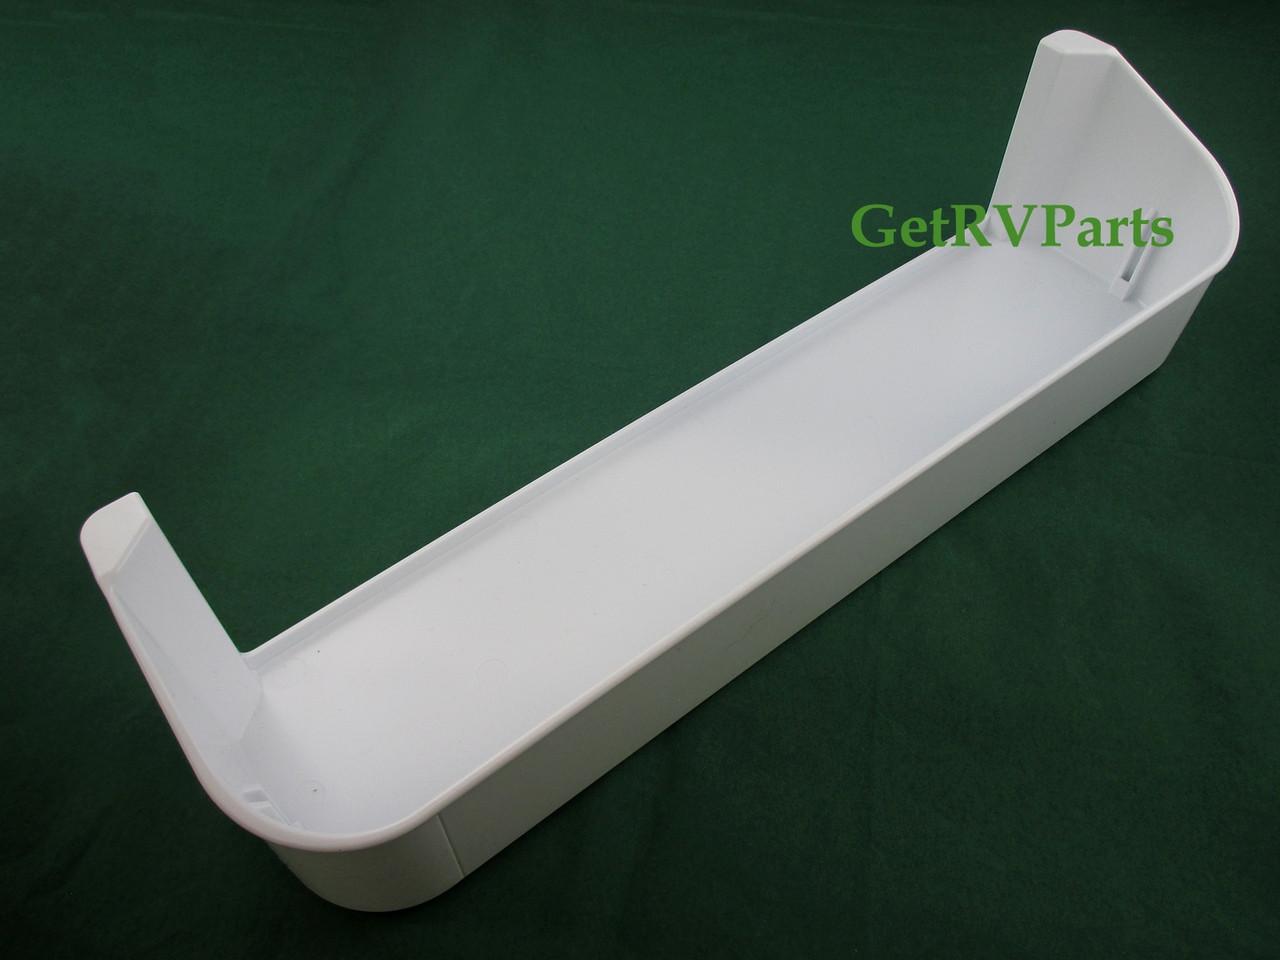 Dometic | 2932575018 | RV Refrigerator Door Shelf 17 3/4 Wide X 4 3/4 Deep & Dometic | 2932575018 | RV Refrigerator Door Shelf 17 3/4 Wide X 4 3 ...